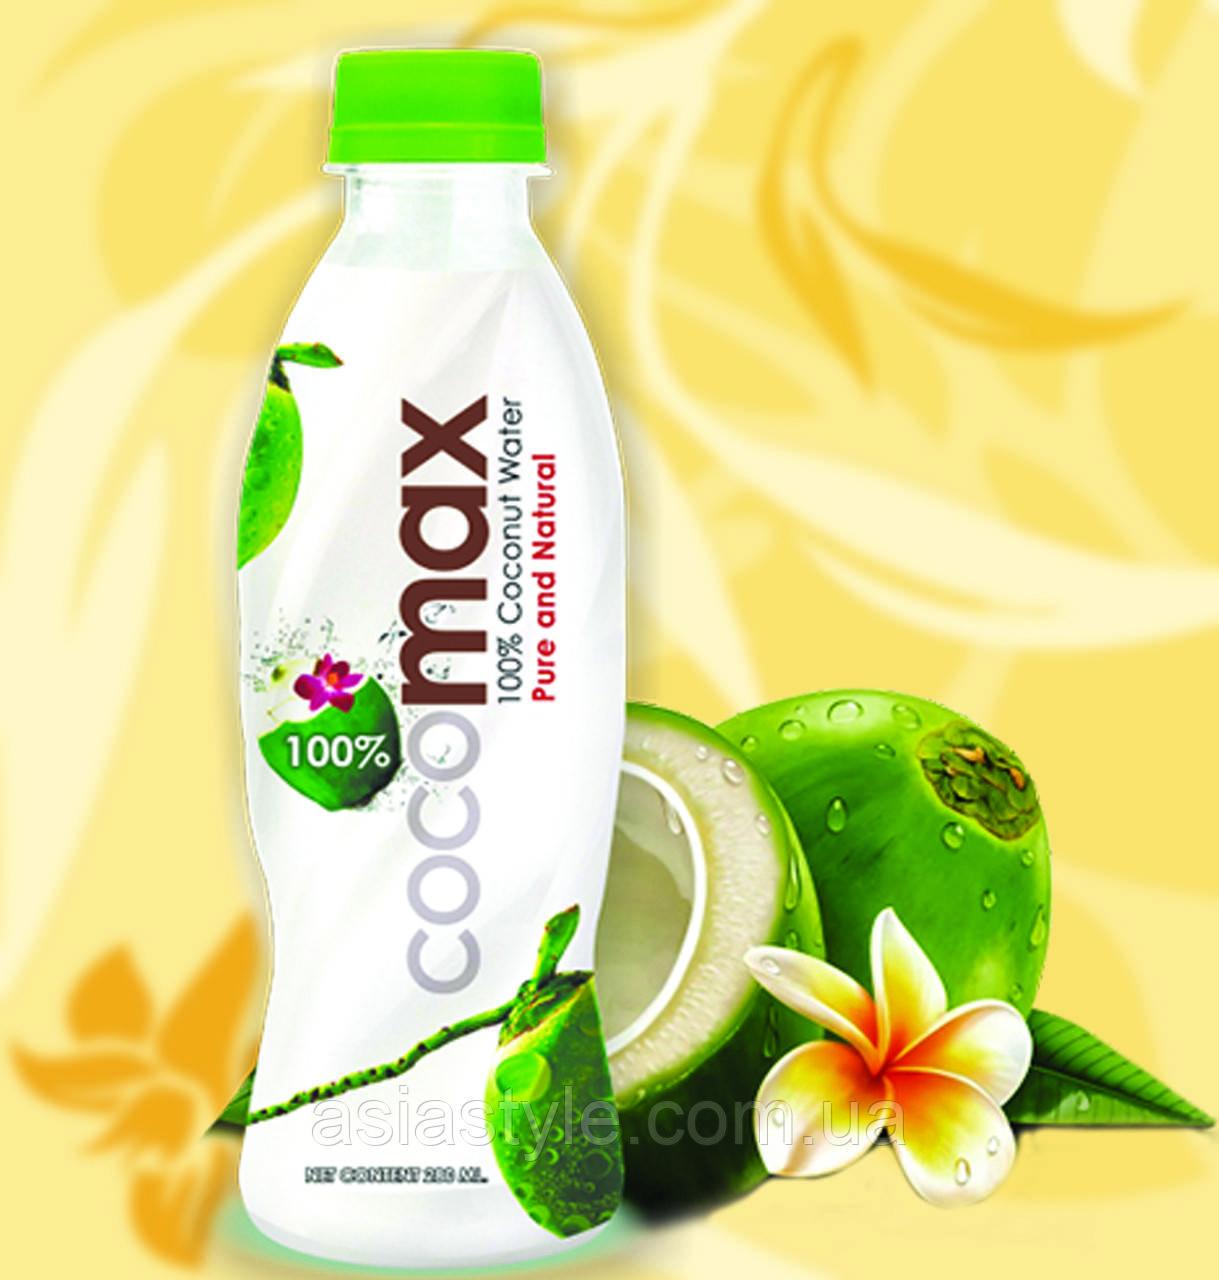 Натуральна кокосова вода, cocomax, 280мл, Дн